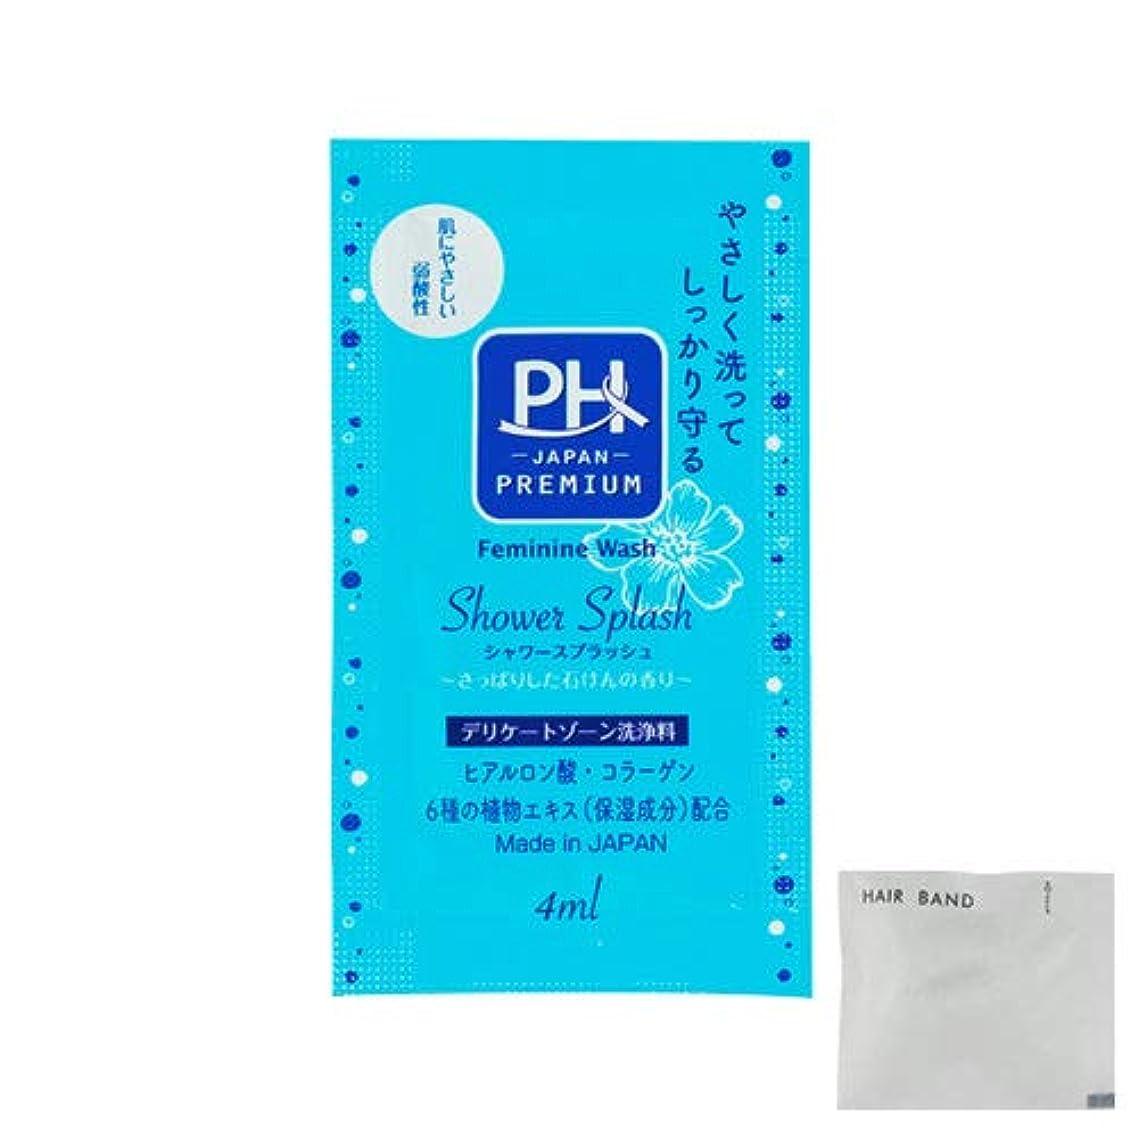 異常作家吸収するPH JAPAN プレミアム フェミニンウォッシュ シャワースプラッシュ 4mL(お試し用)×10個 + ヘアゴム(カラーはおまかせ)セット